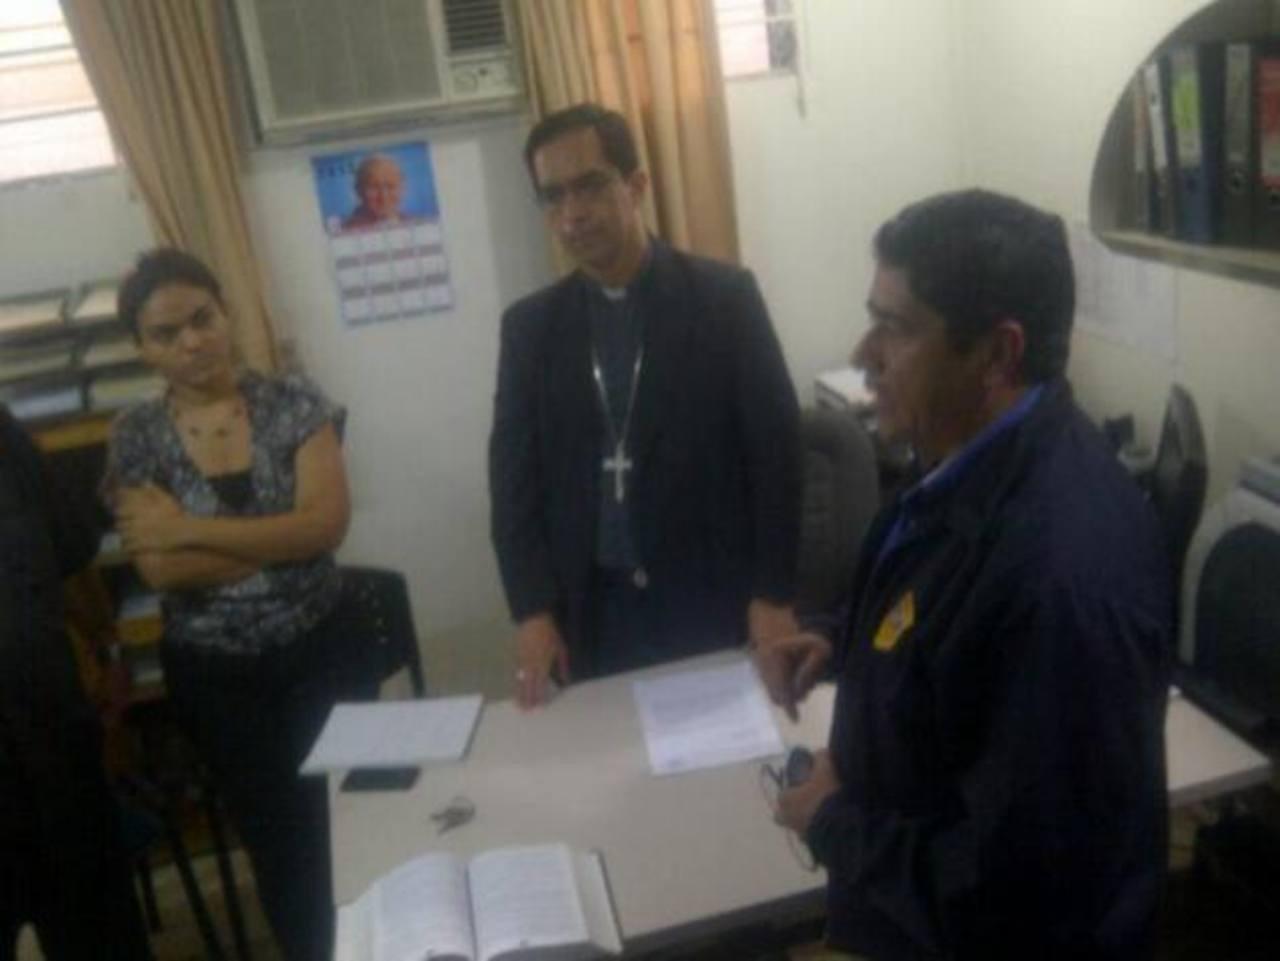 Autoridades de la Fiscalía salvadoreña ingresaron esta tarde a las instalaciones de Tutela Legal. FOTO cortesía de Fiscalía